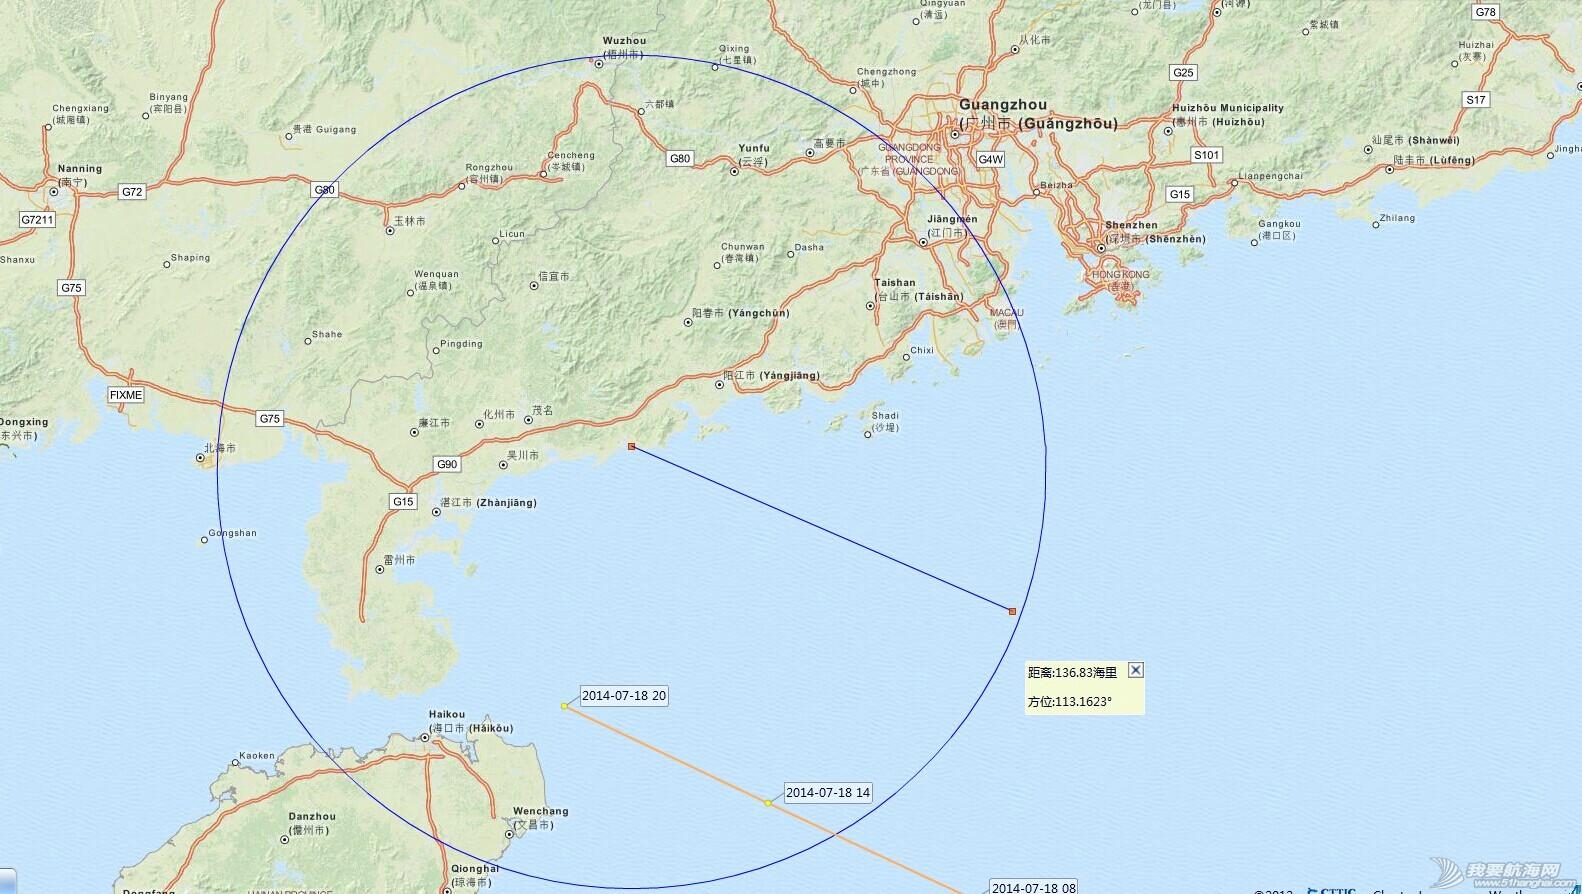 南海,台风,烟斗电话,气象导航,气导 【南海台风】RAMMASUN 20140713 台风RAMMASUN影响沿海城市